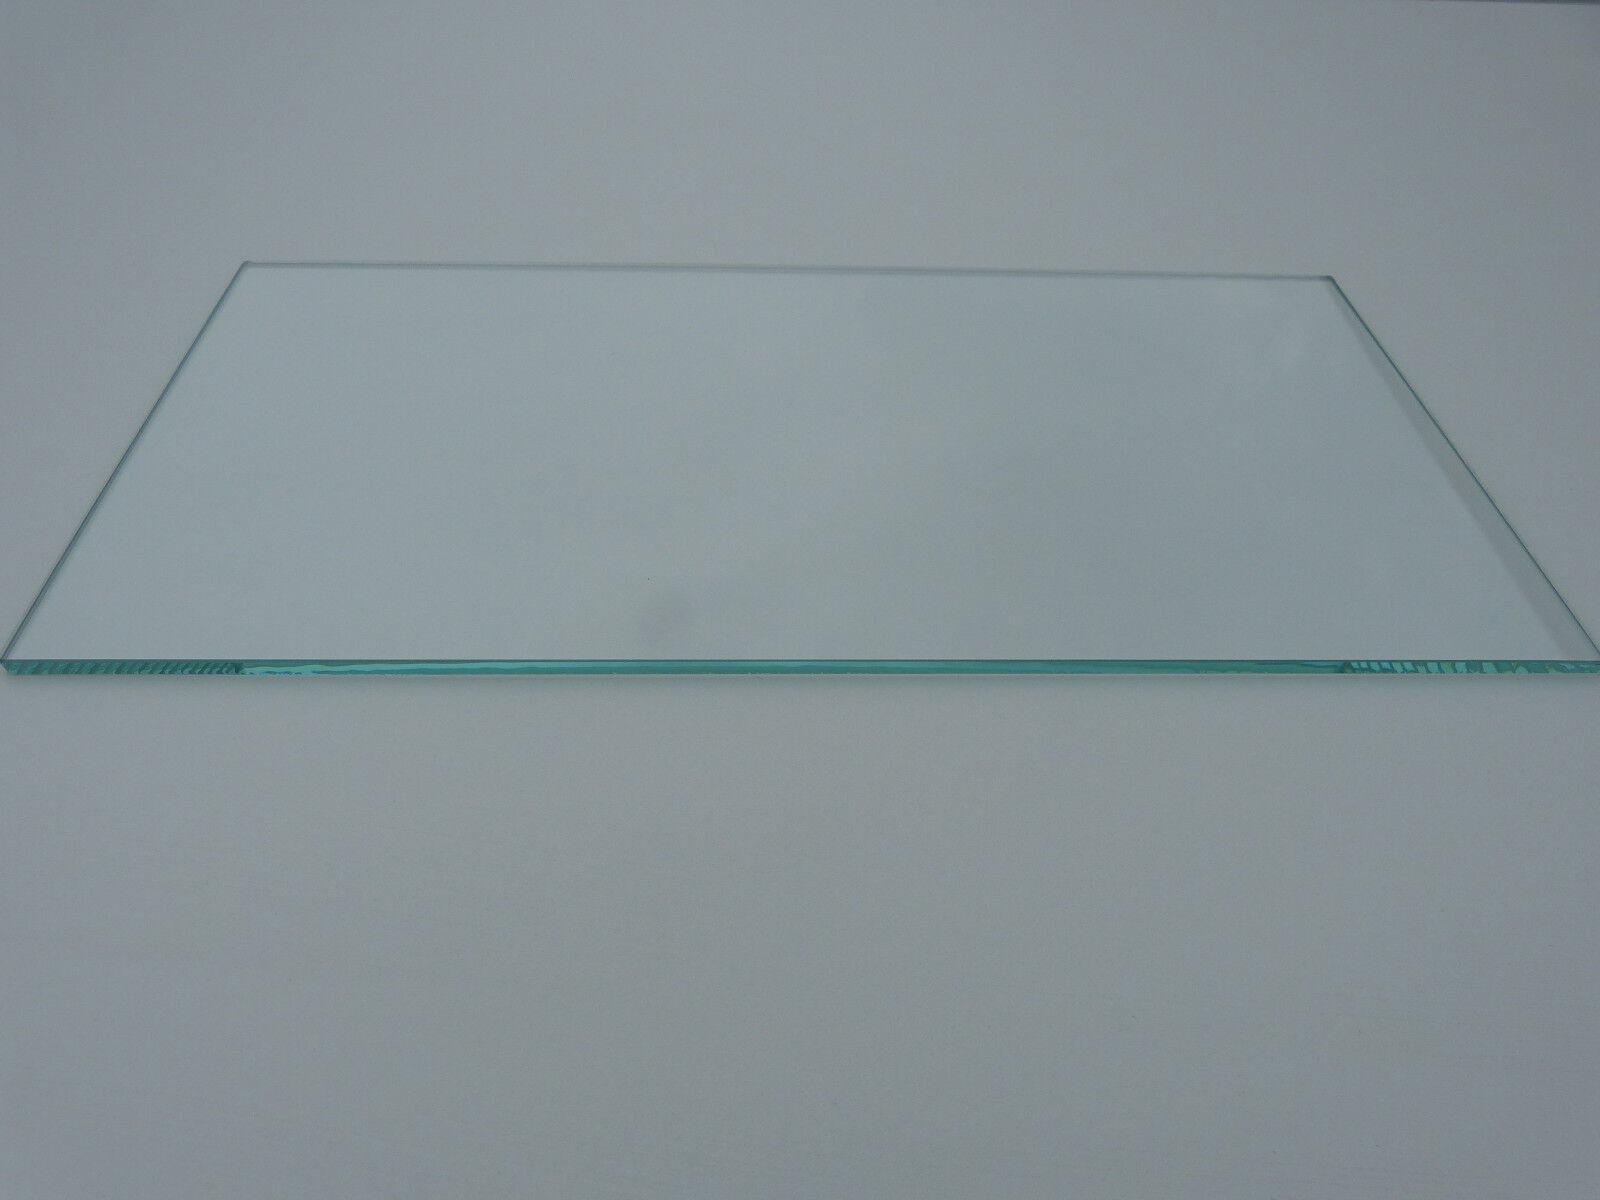 Aeg Kühlschrank Glasplatte : Kühlschrank einlegeboden cm cm klarglas